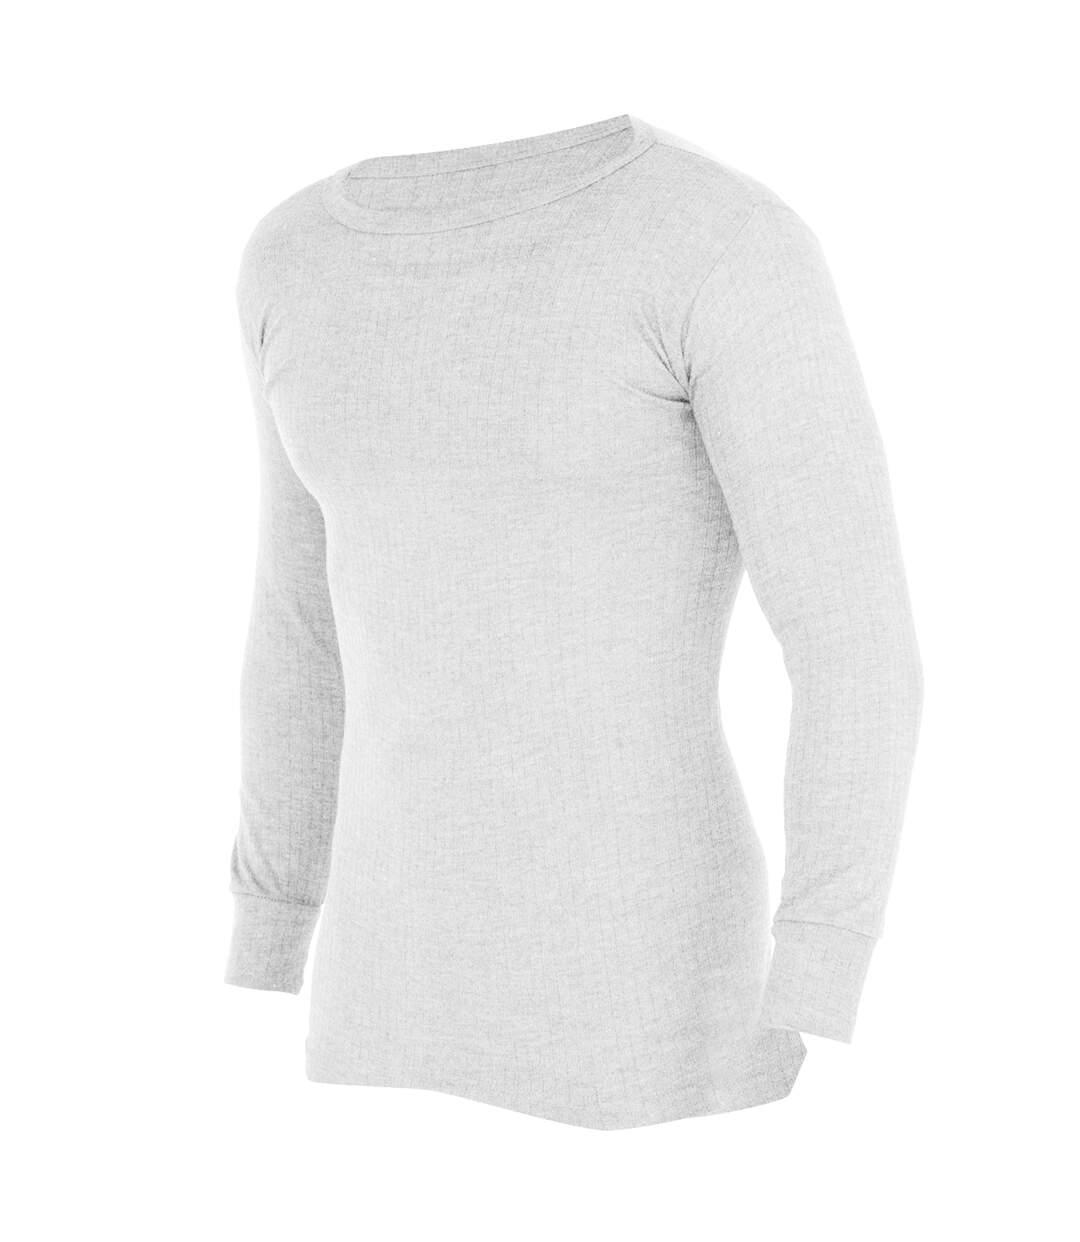 FLOSO -  T-shirt thermique à manches longues (en viscose) - Homme (Blanc) - UTTHERM107